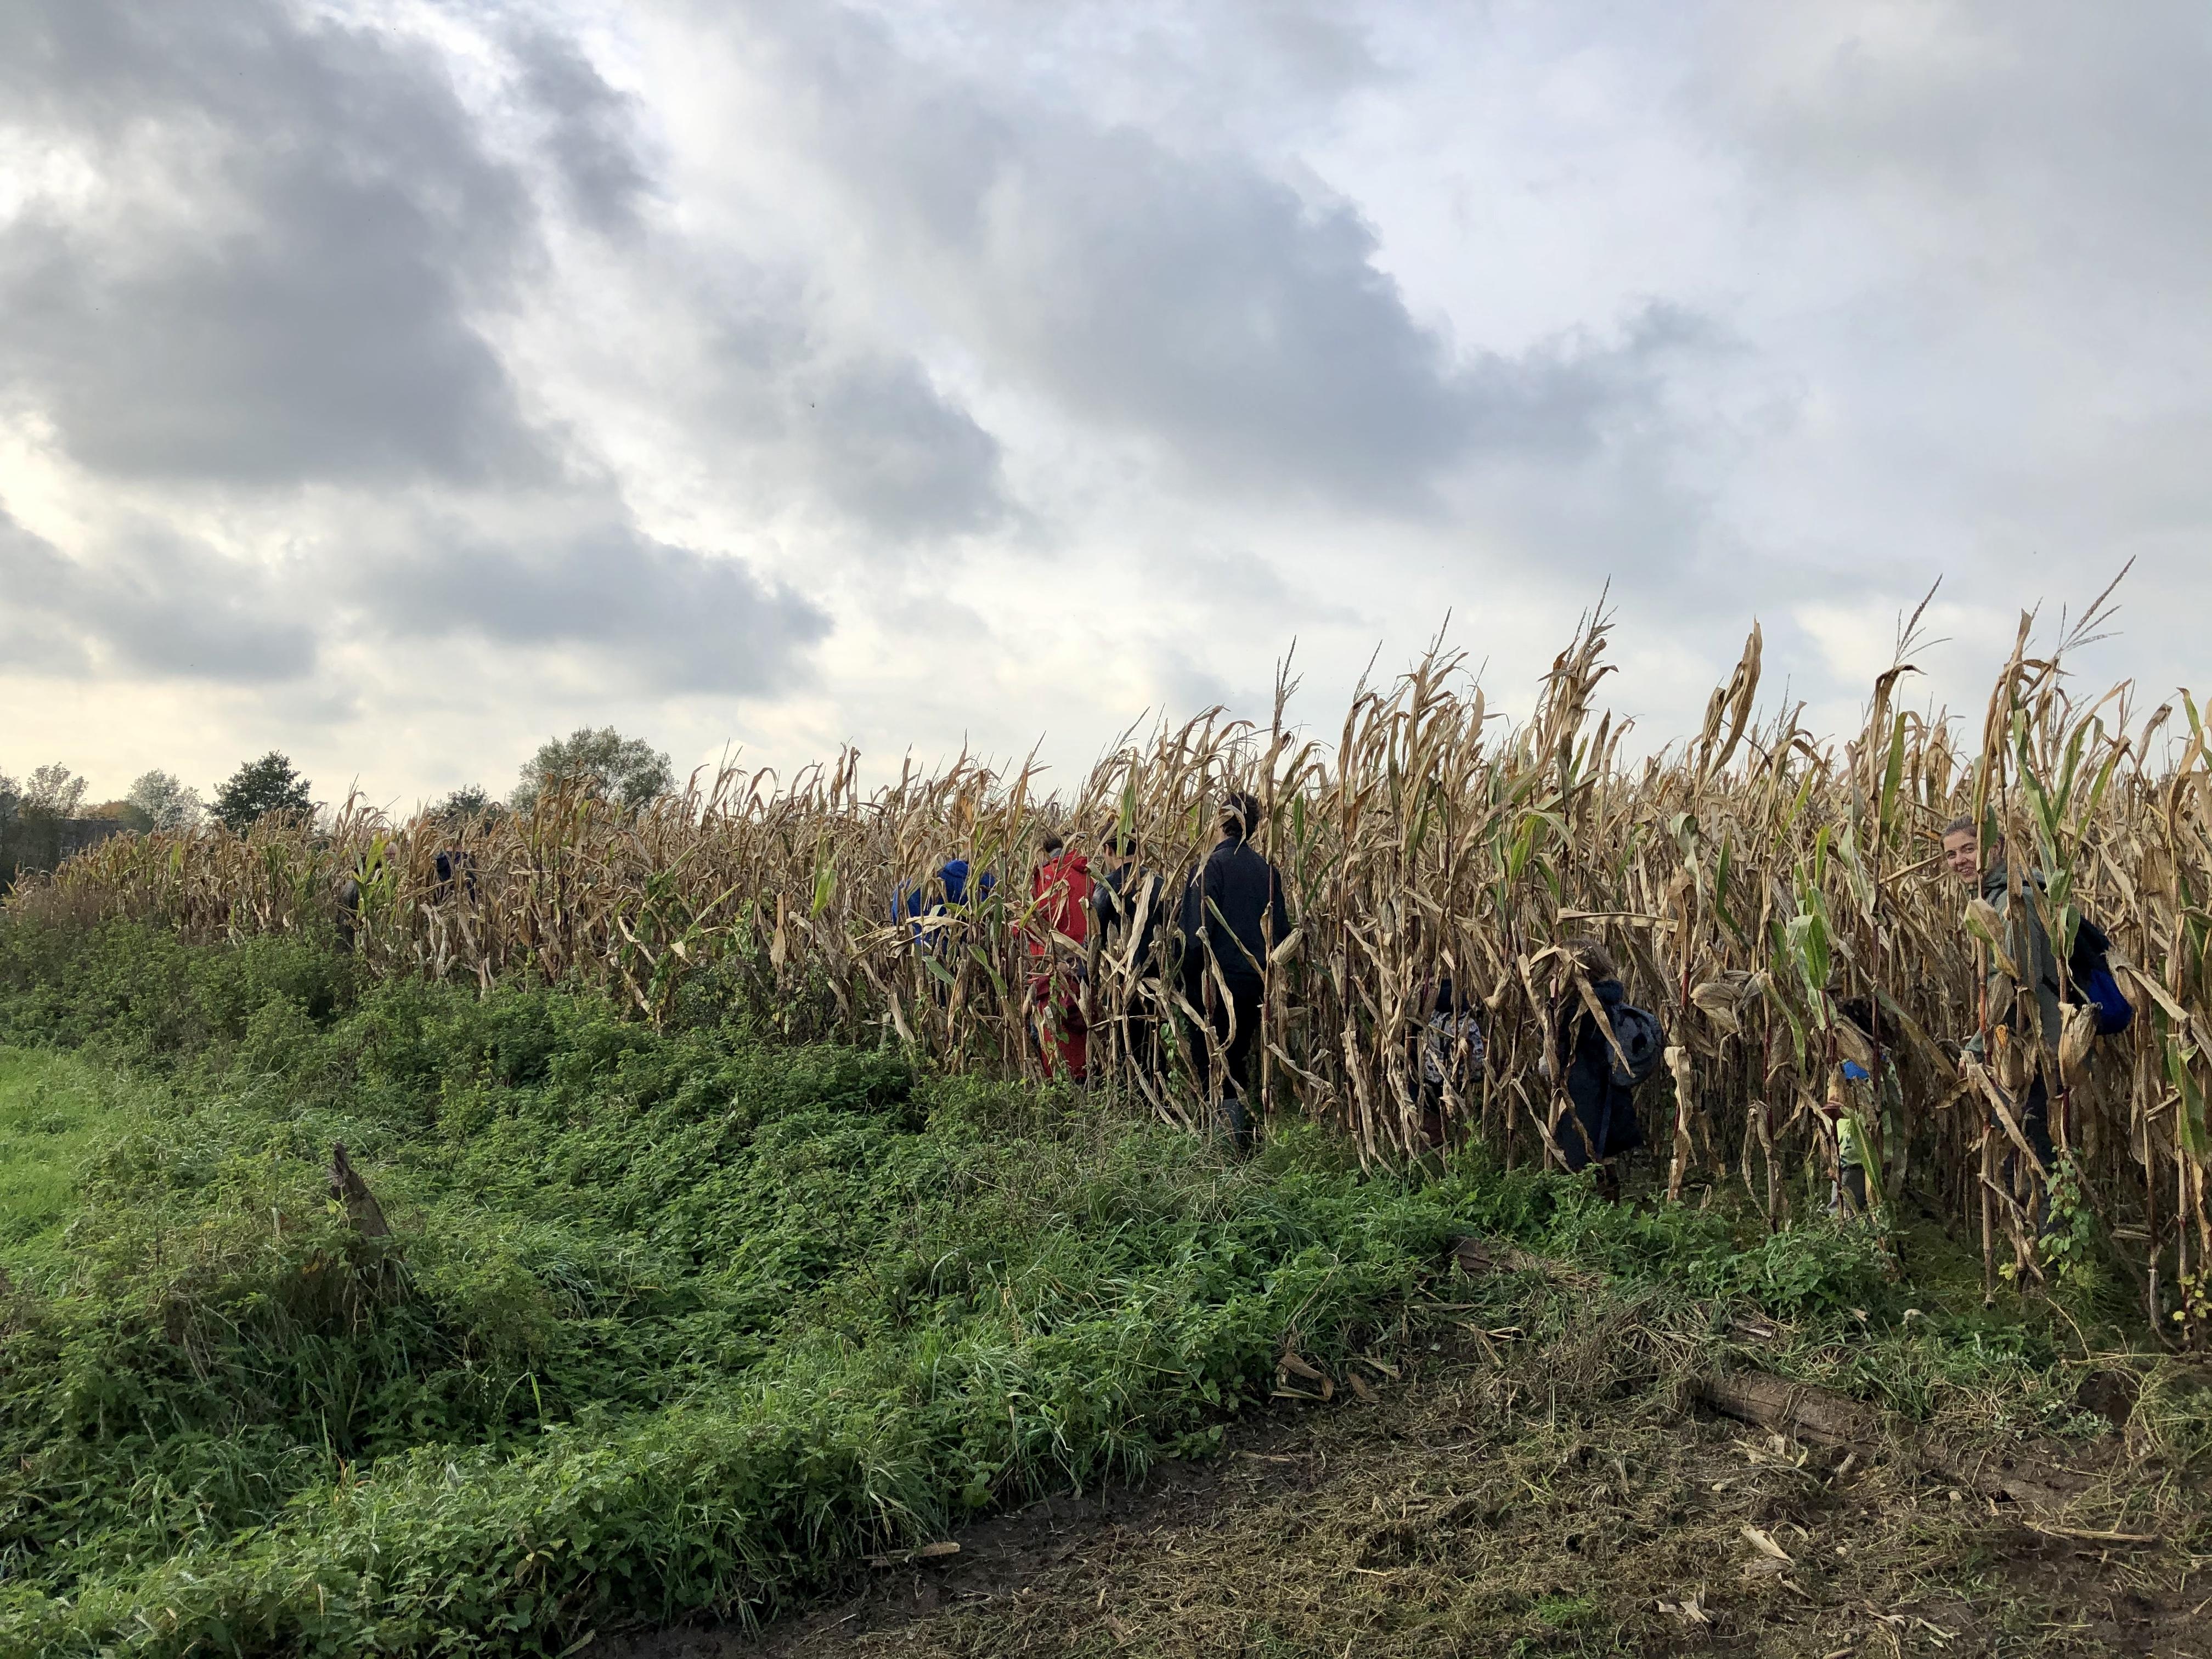 Door het maïsveld, want de trage weg is helemaal ingepalmd door een gebrekkig onderhoud door de gemeente. Credit: Luc De Cleir